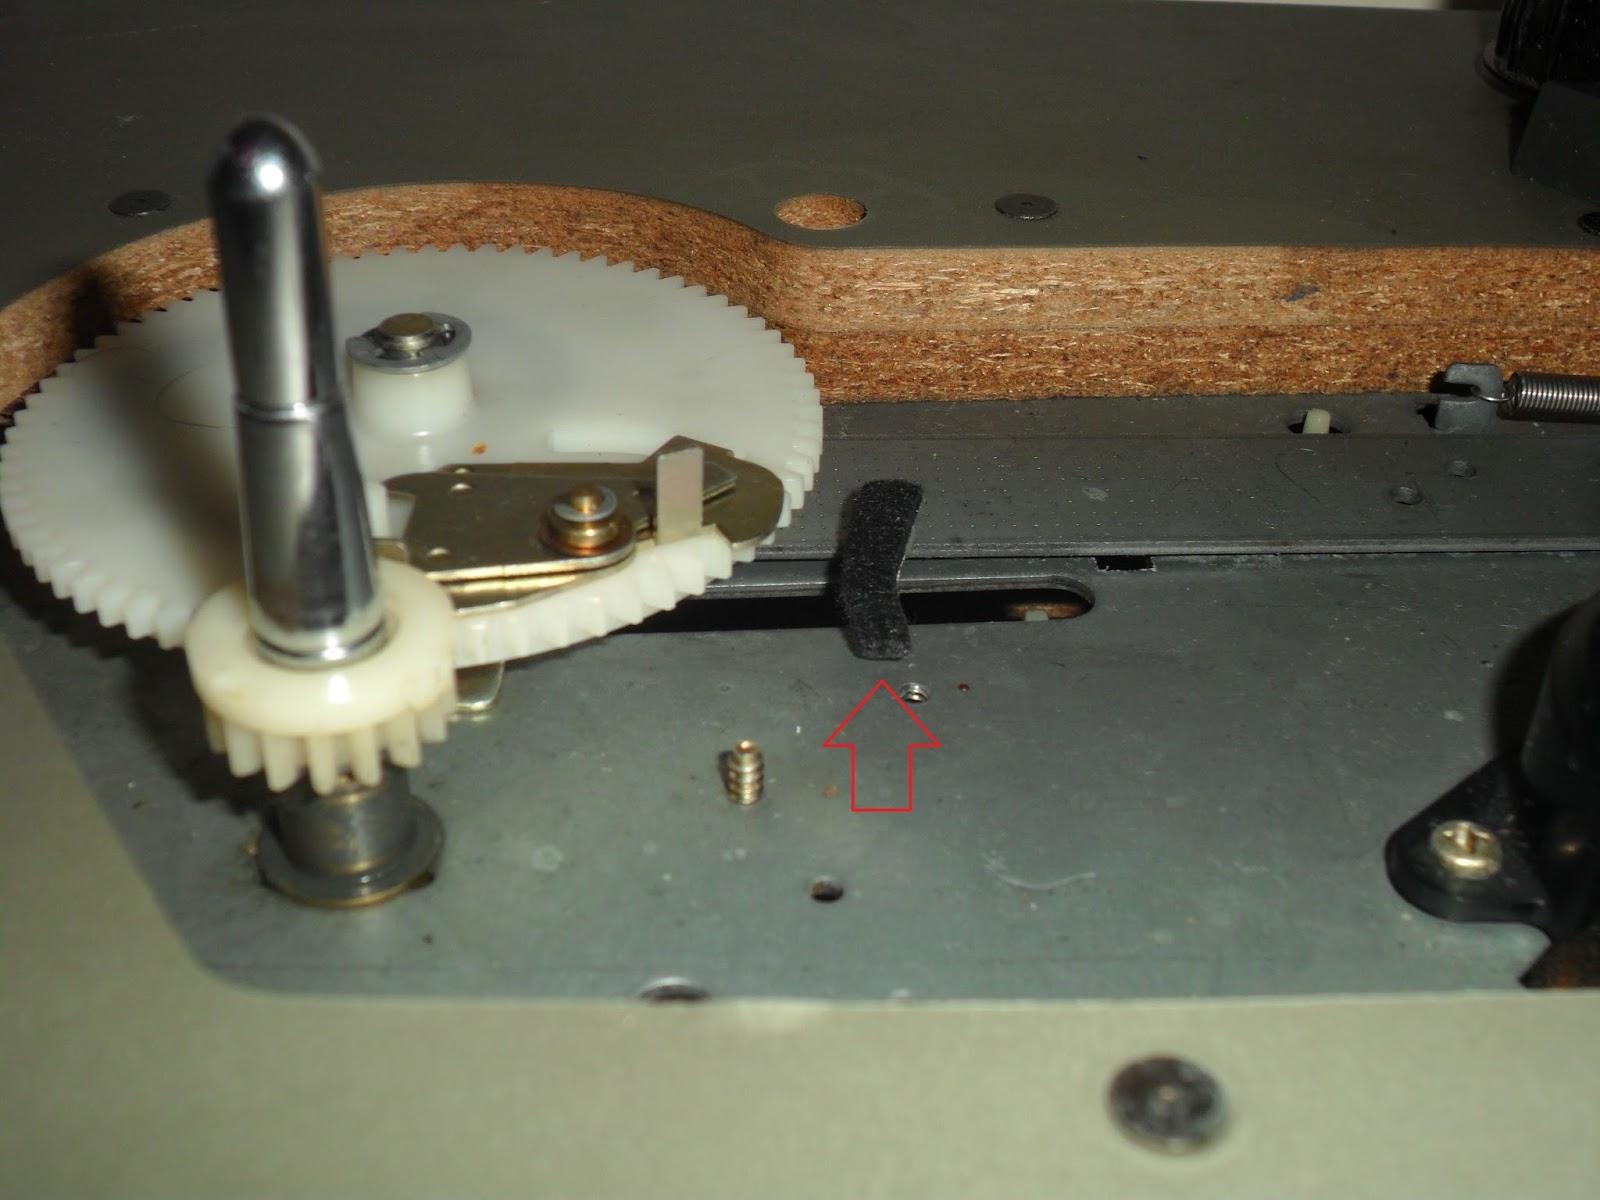 Μπορείτε να συνδέσετε ένα πικάπ απευθείας σε ηχεία